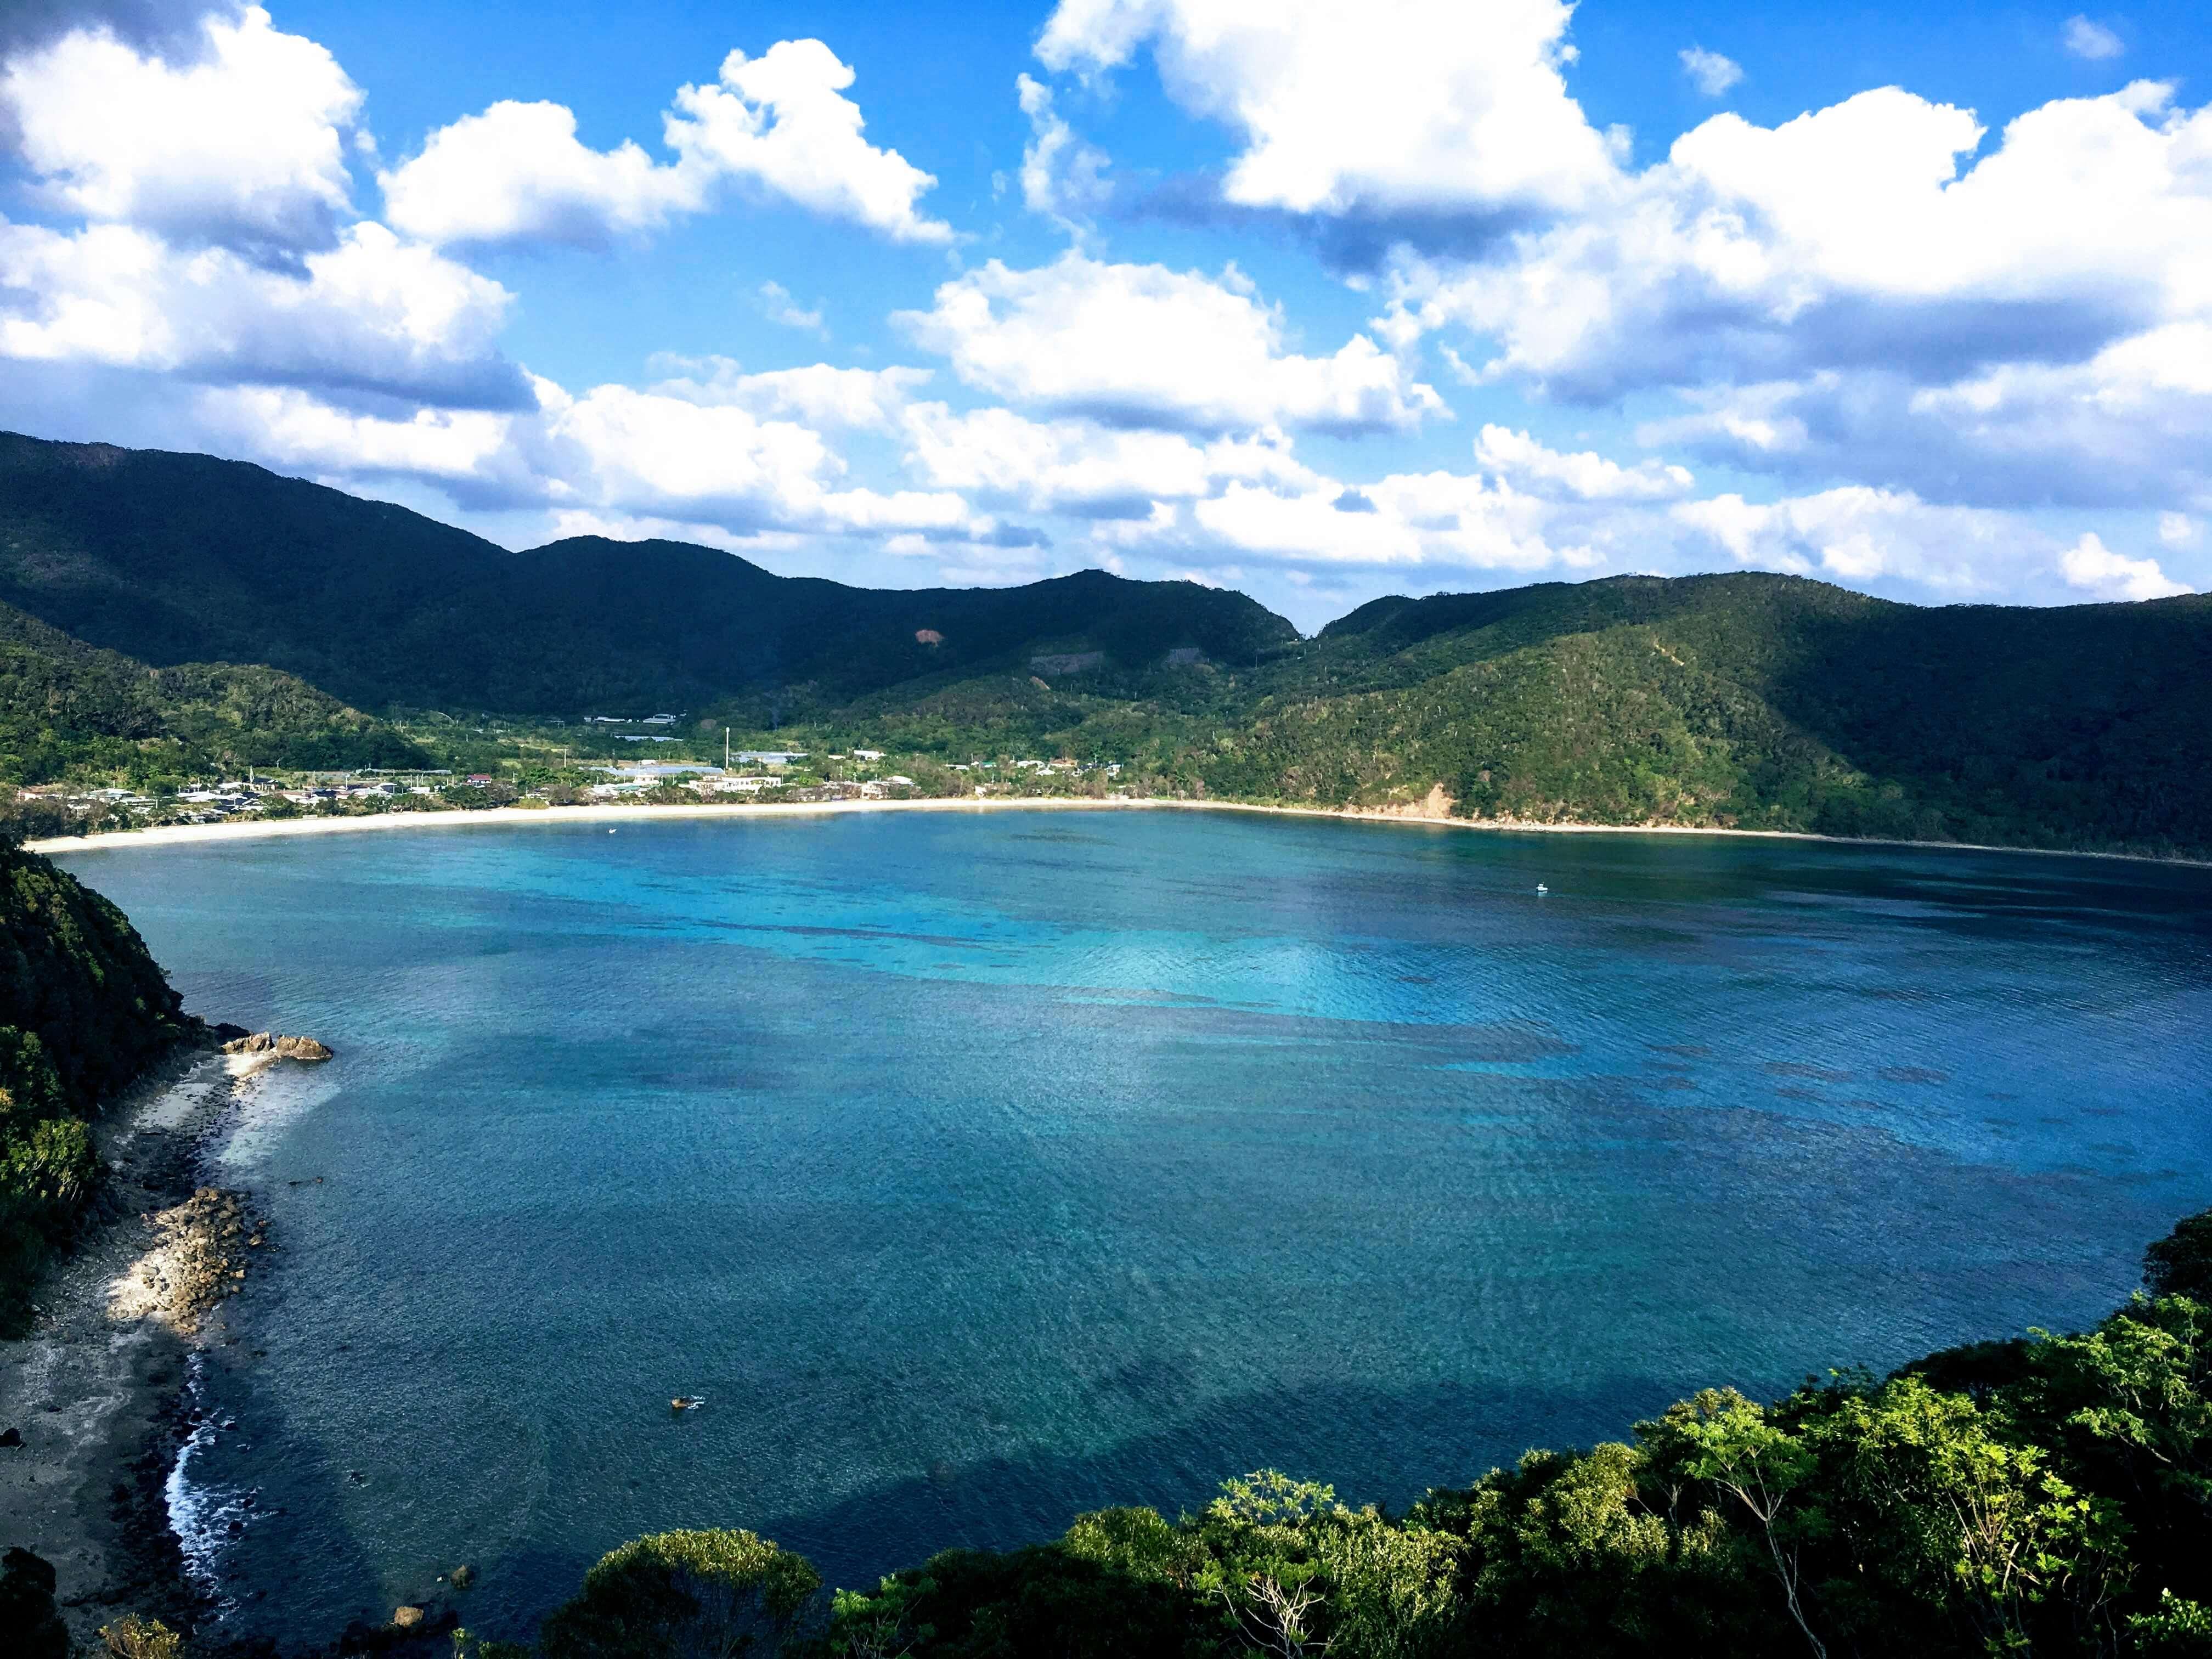 マネン岬展望所からの眺め